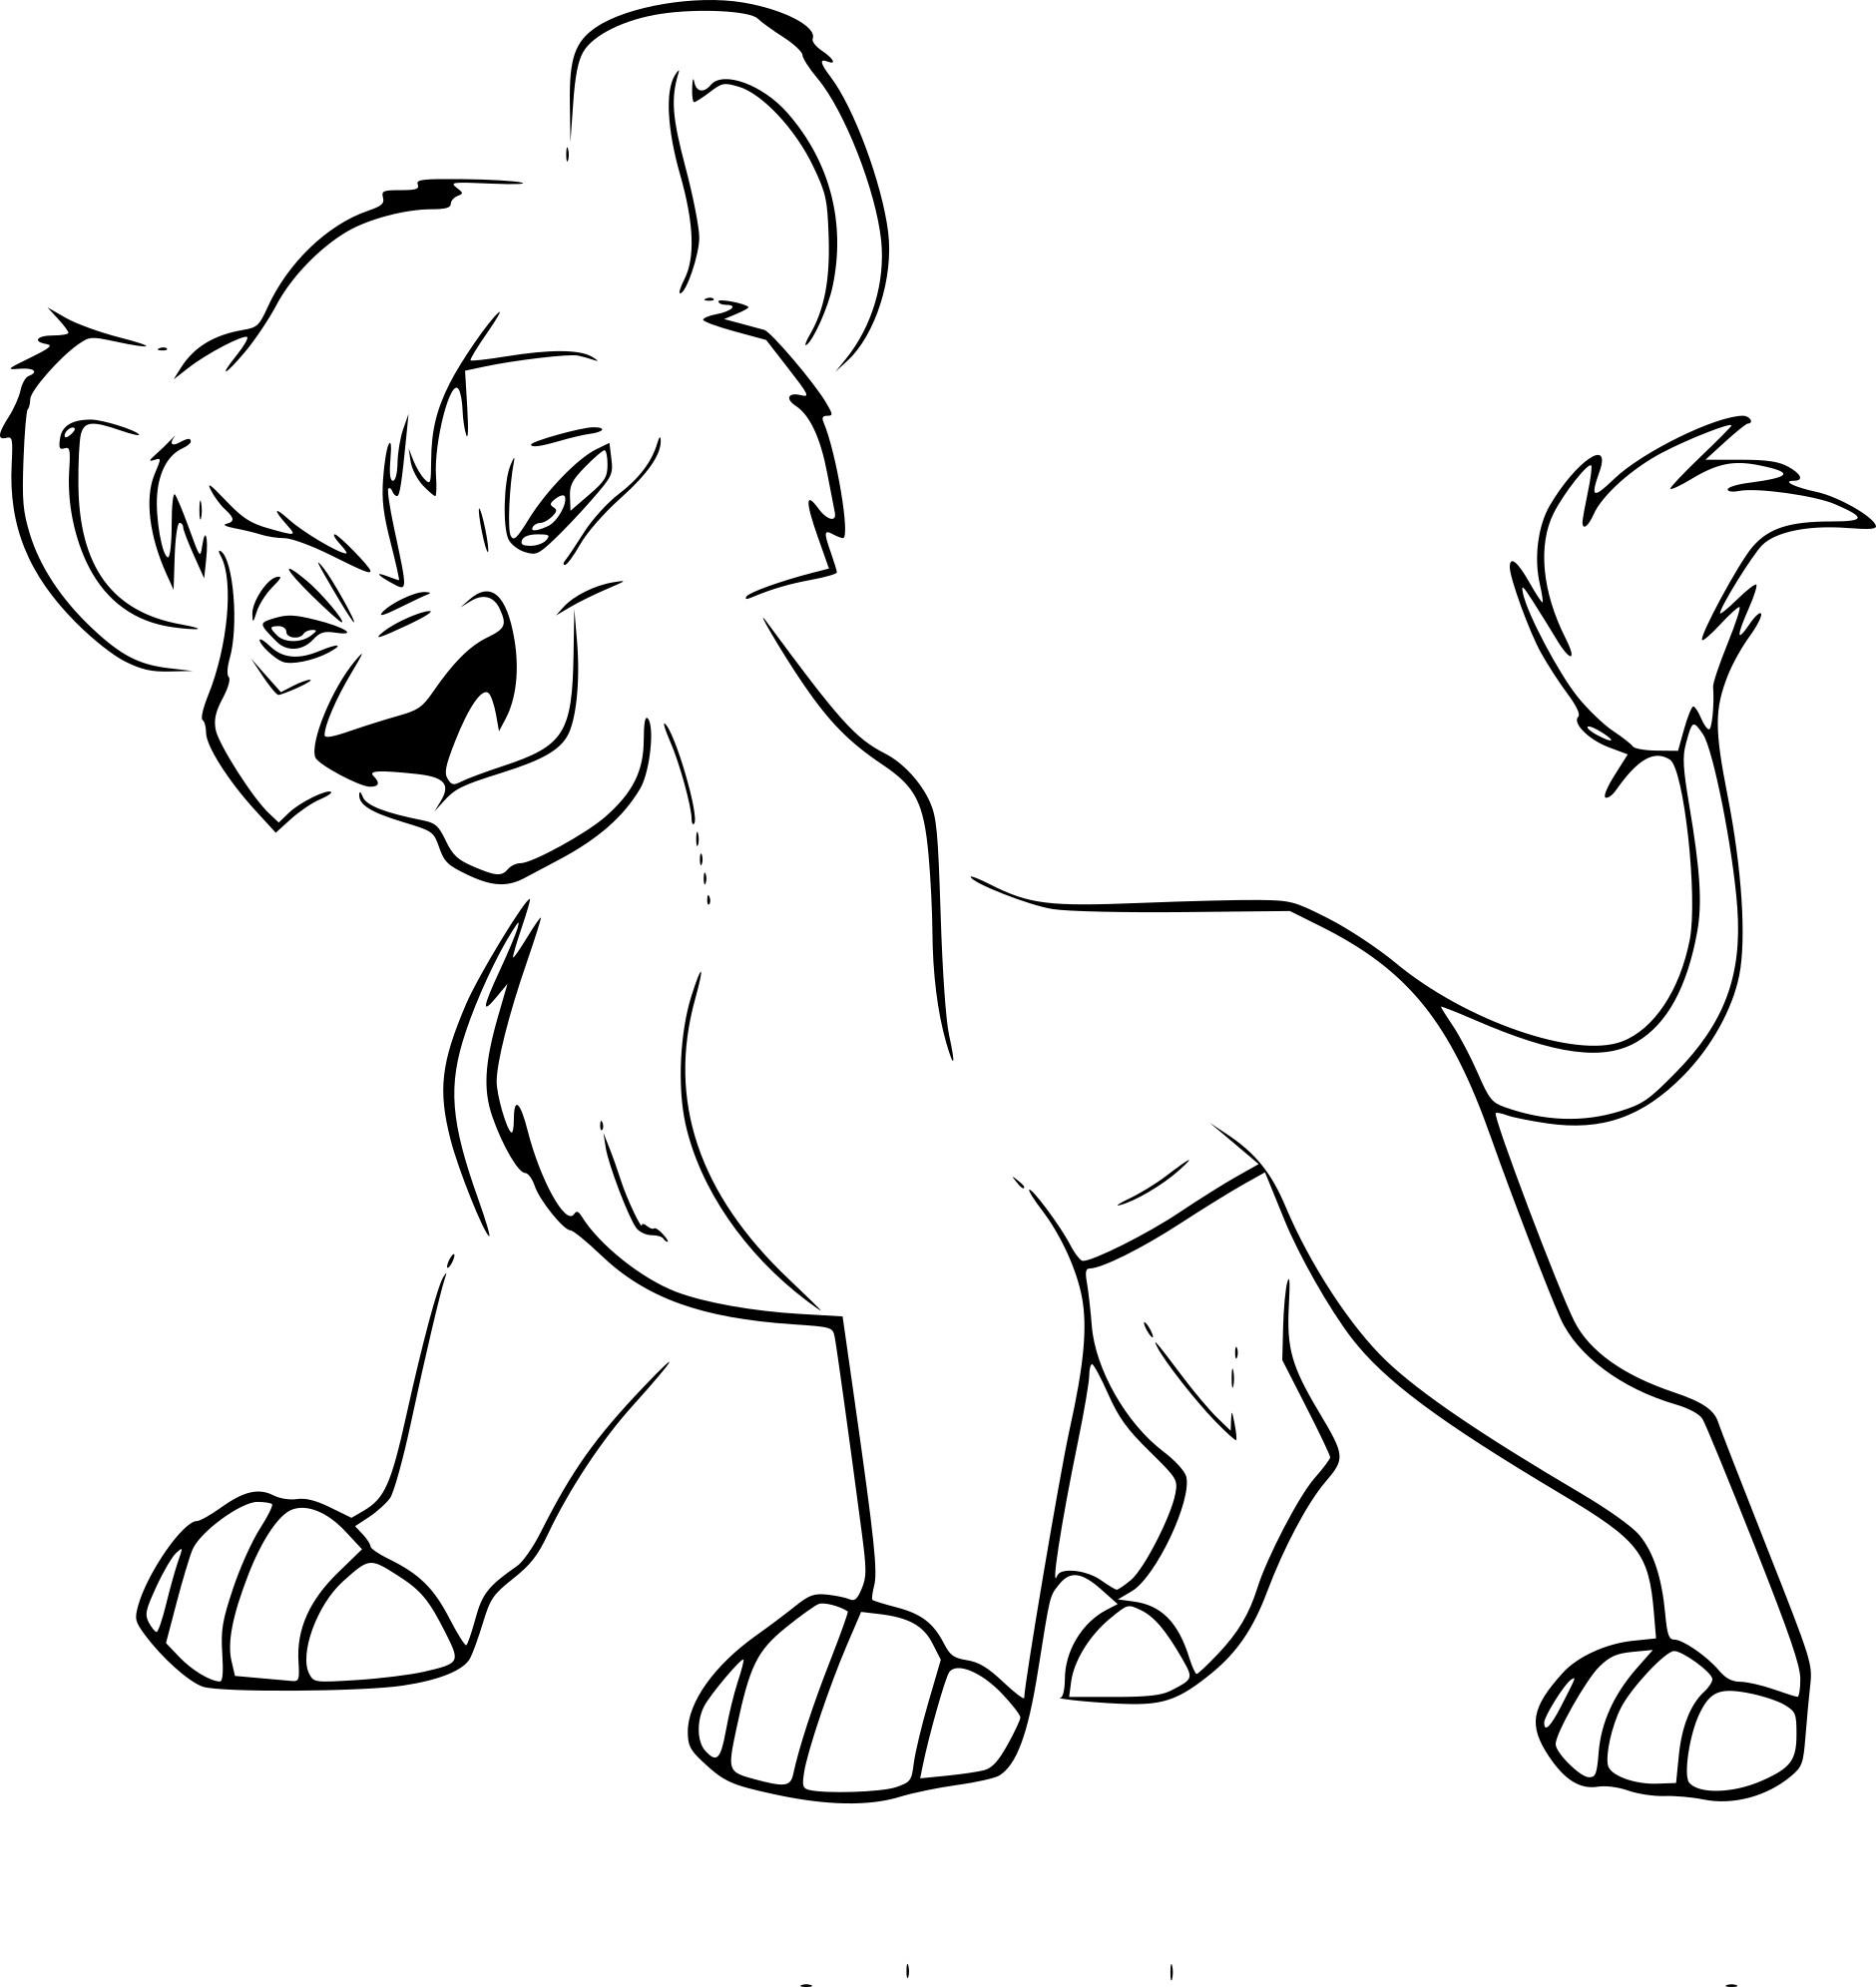 Frais Coloriage Roi Lion 2